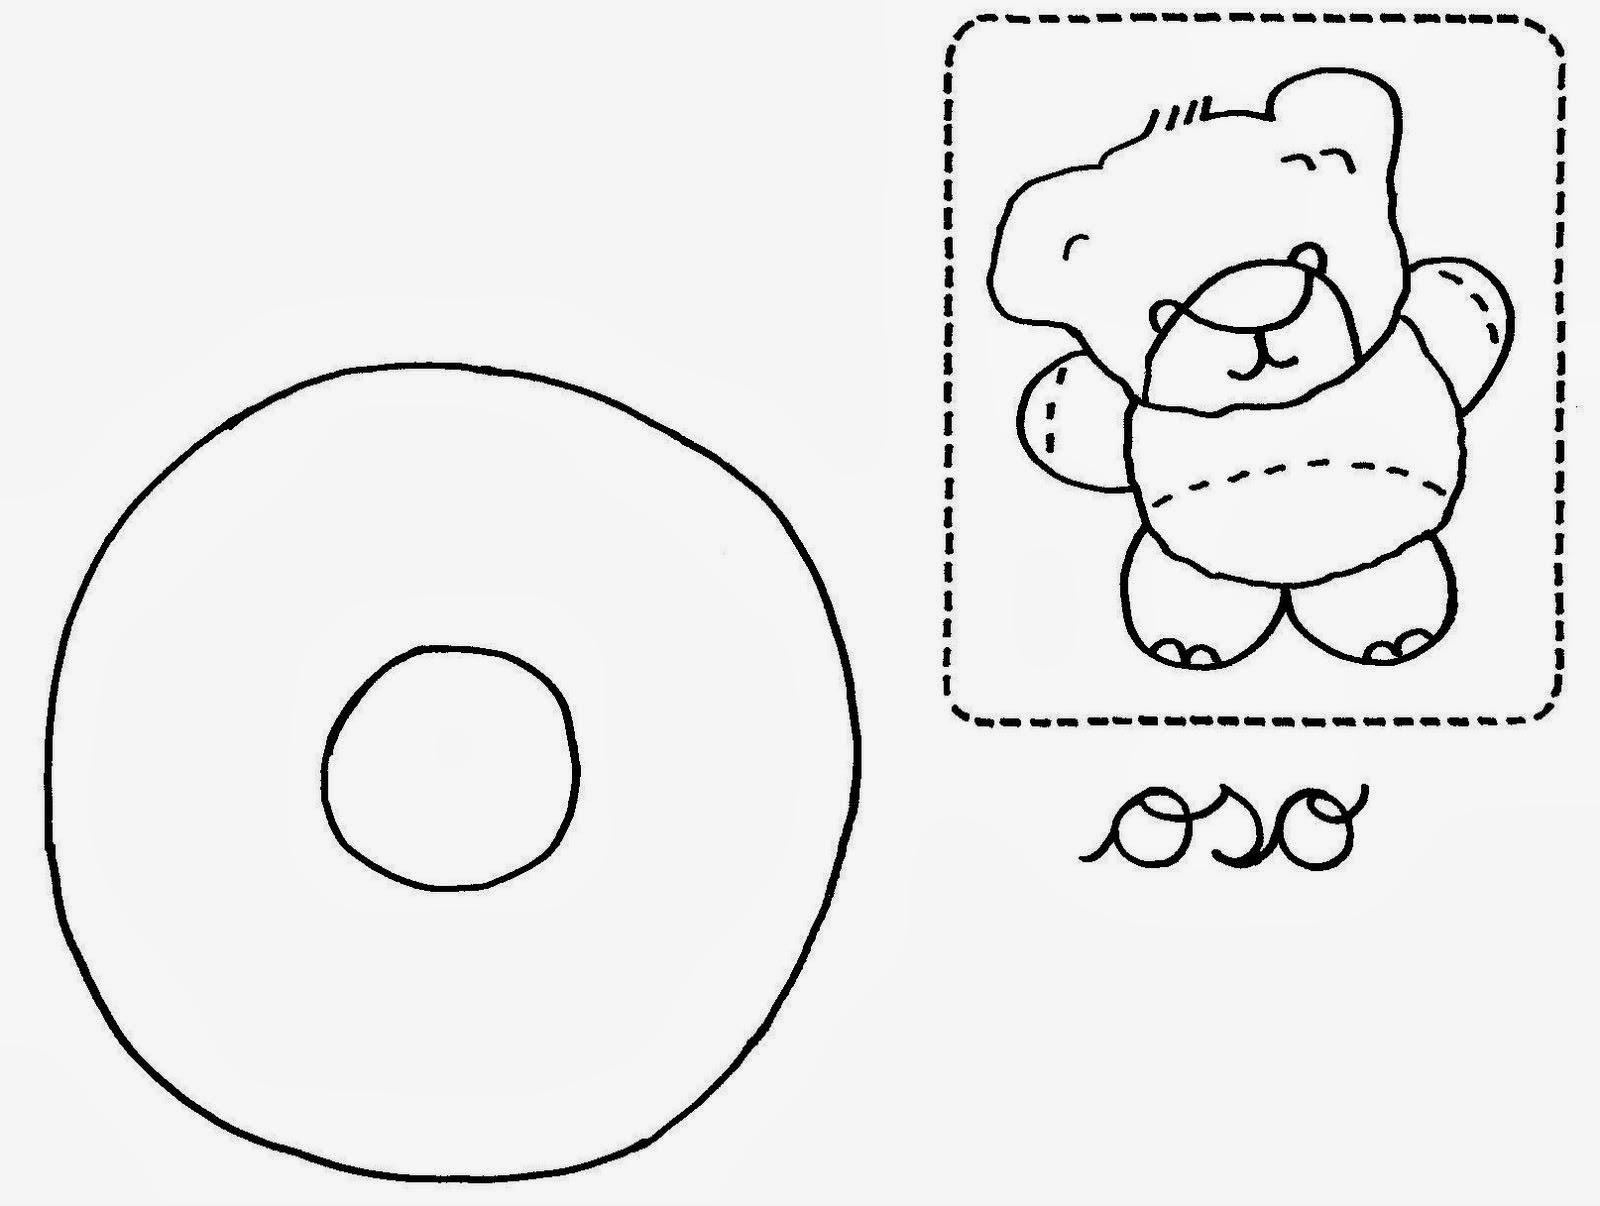 Dibujos Para Colorear Las Amigas Con El Delfin: Dibujos Para Rellenar. Dibujo De Delfin Jugando Para